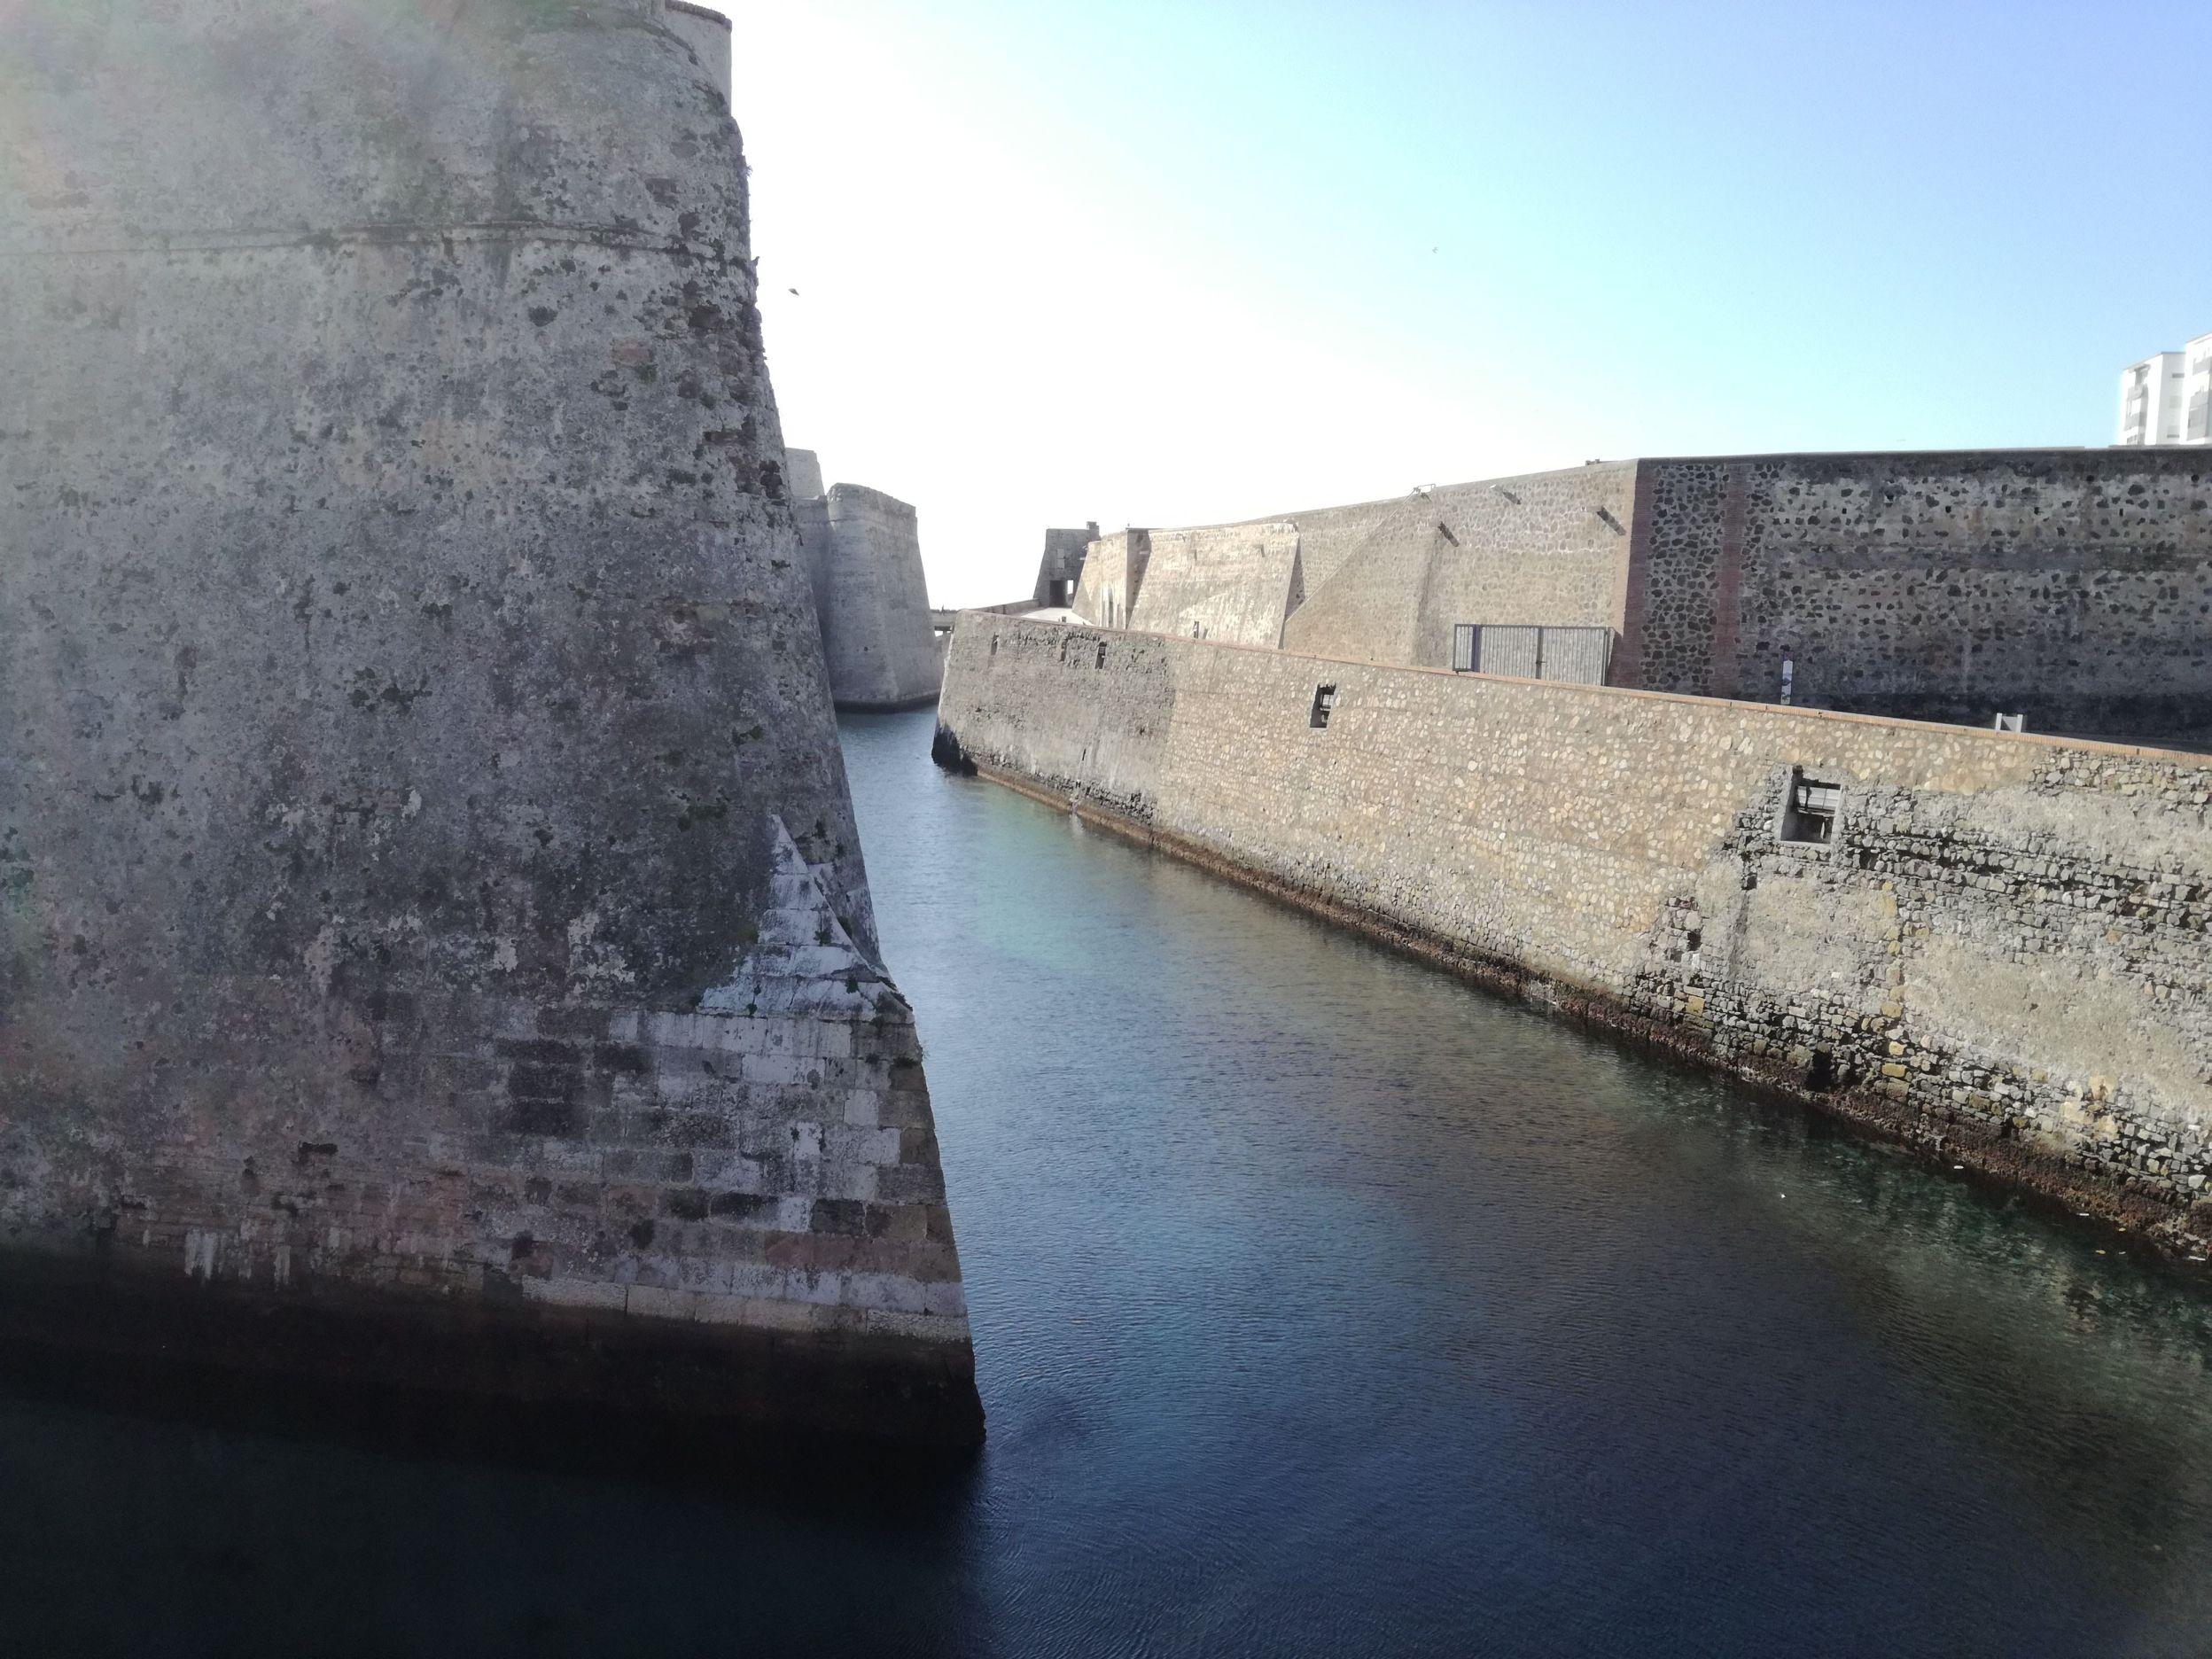 Csatorna az erőd falai között